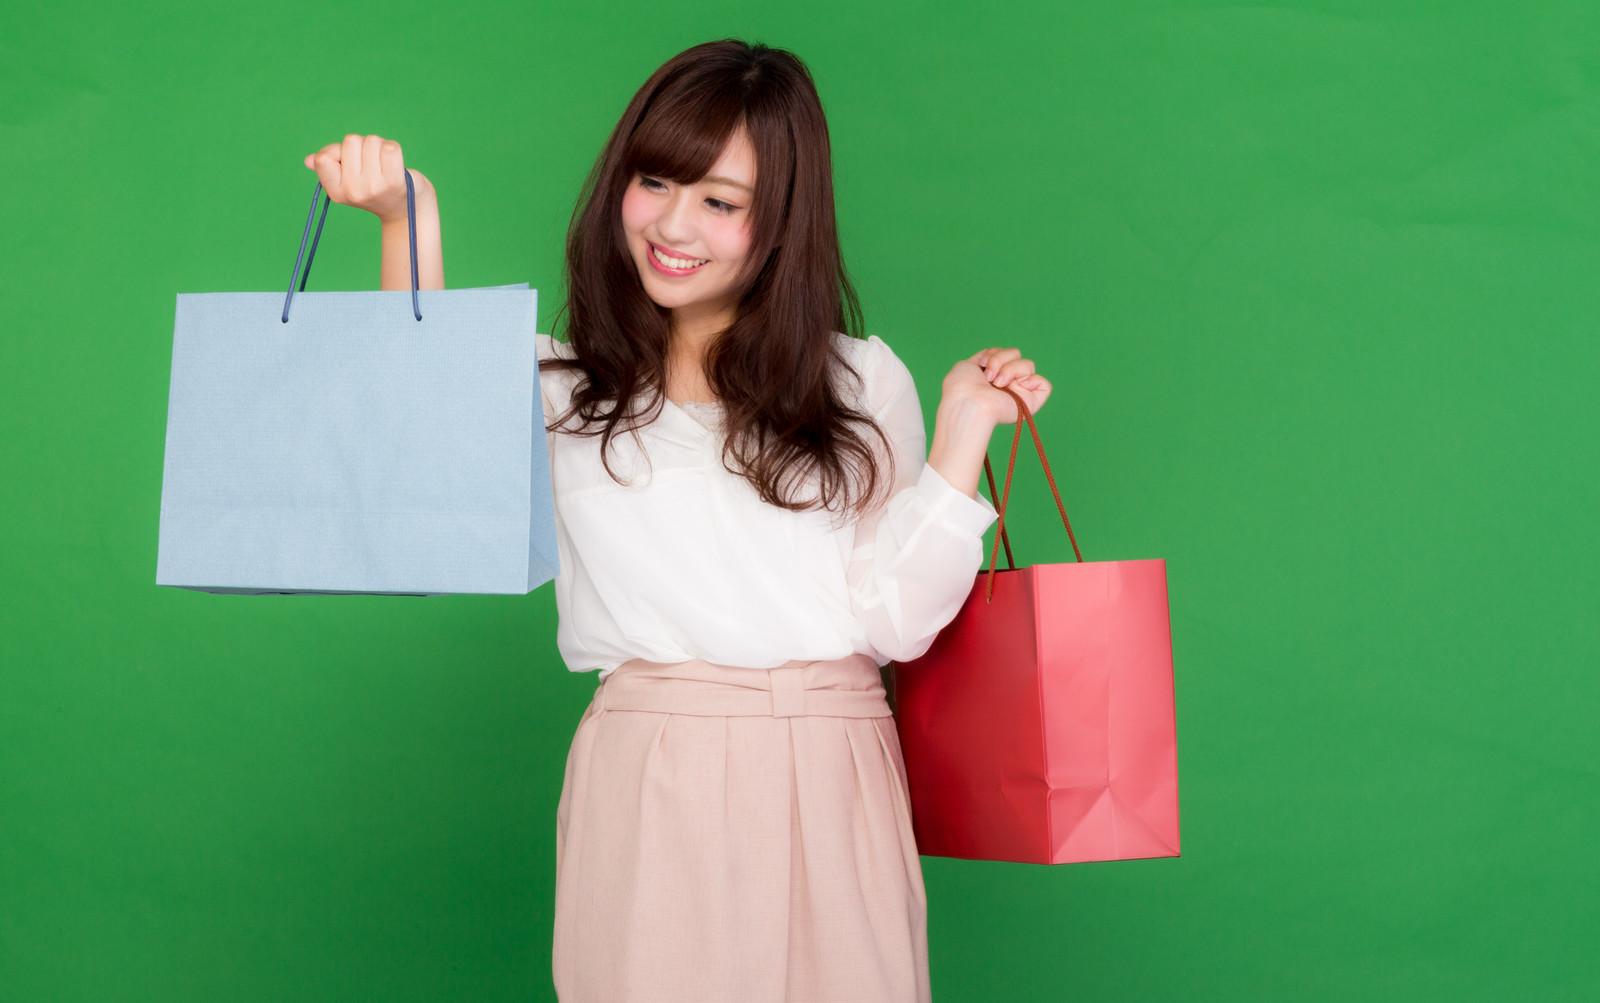 スーパーの安売りセールで戦利品を得て喜ぶ女性